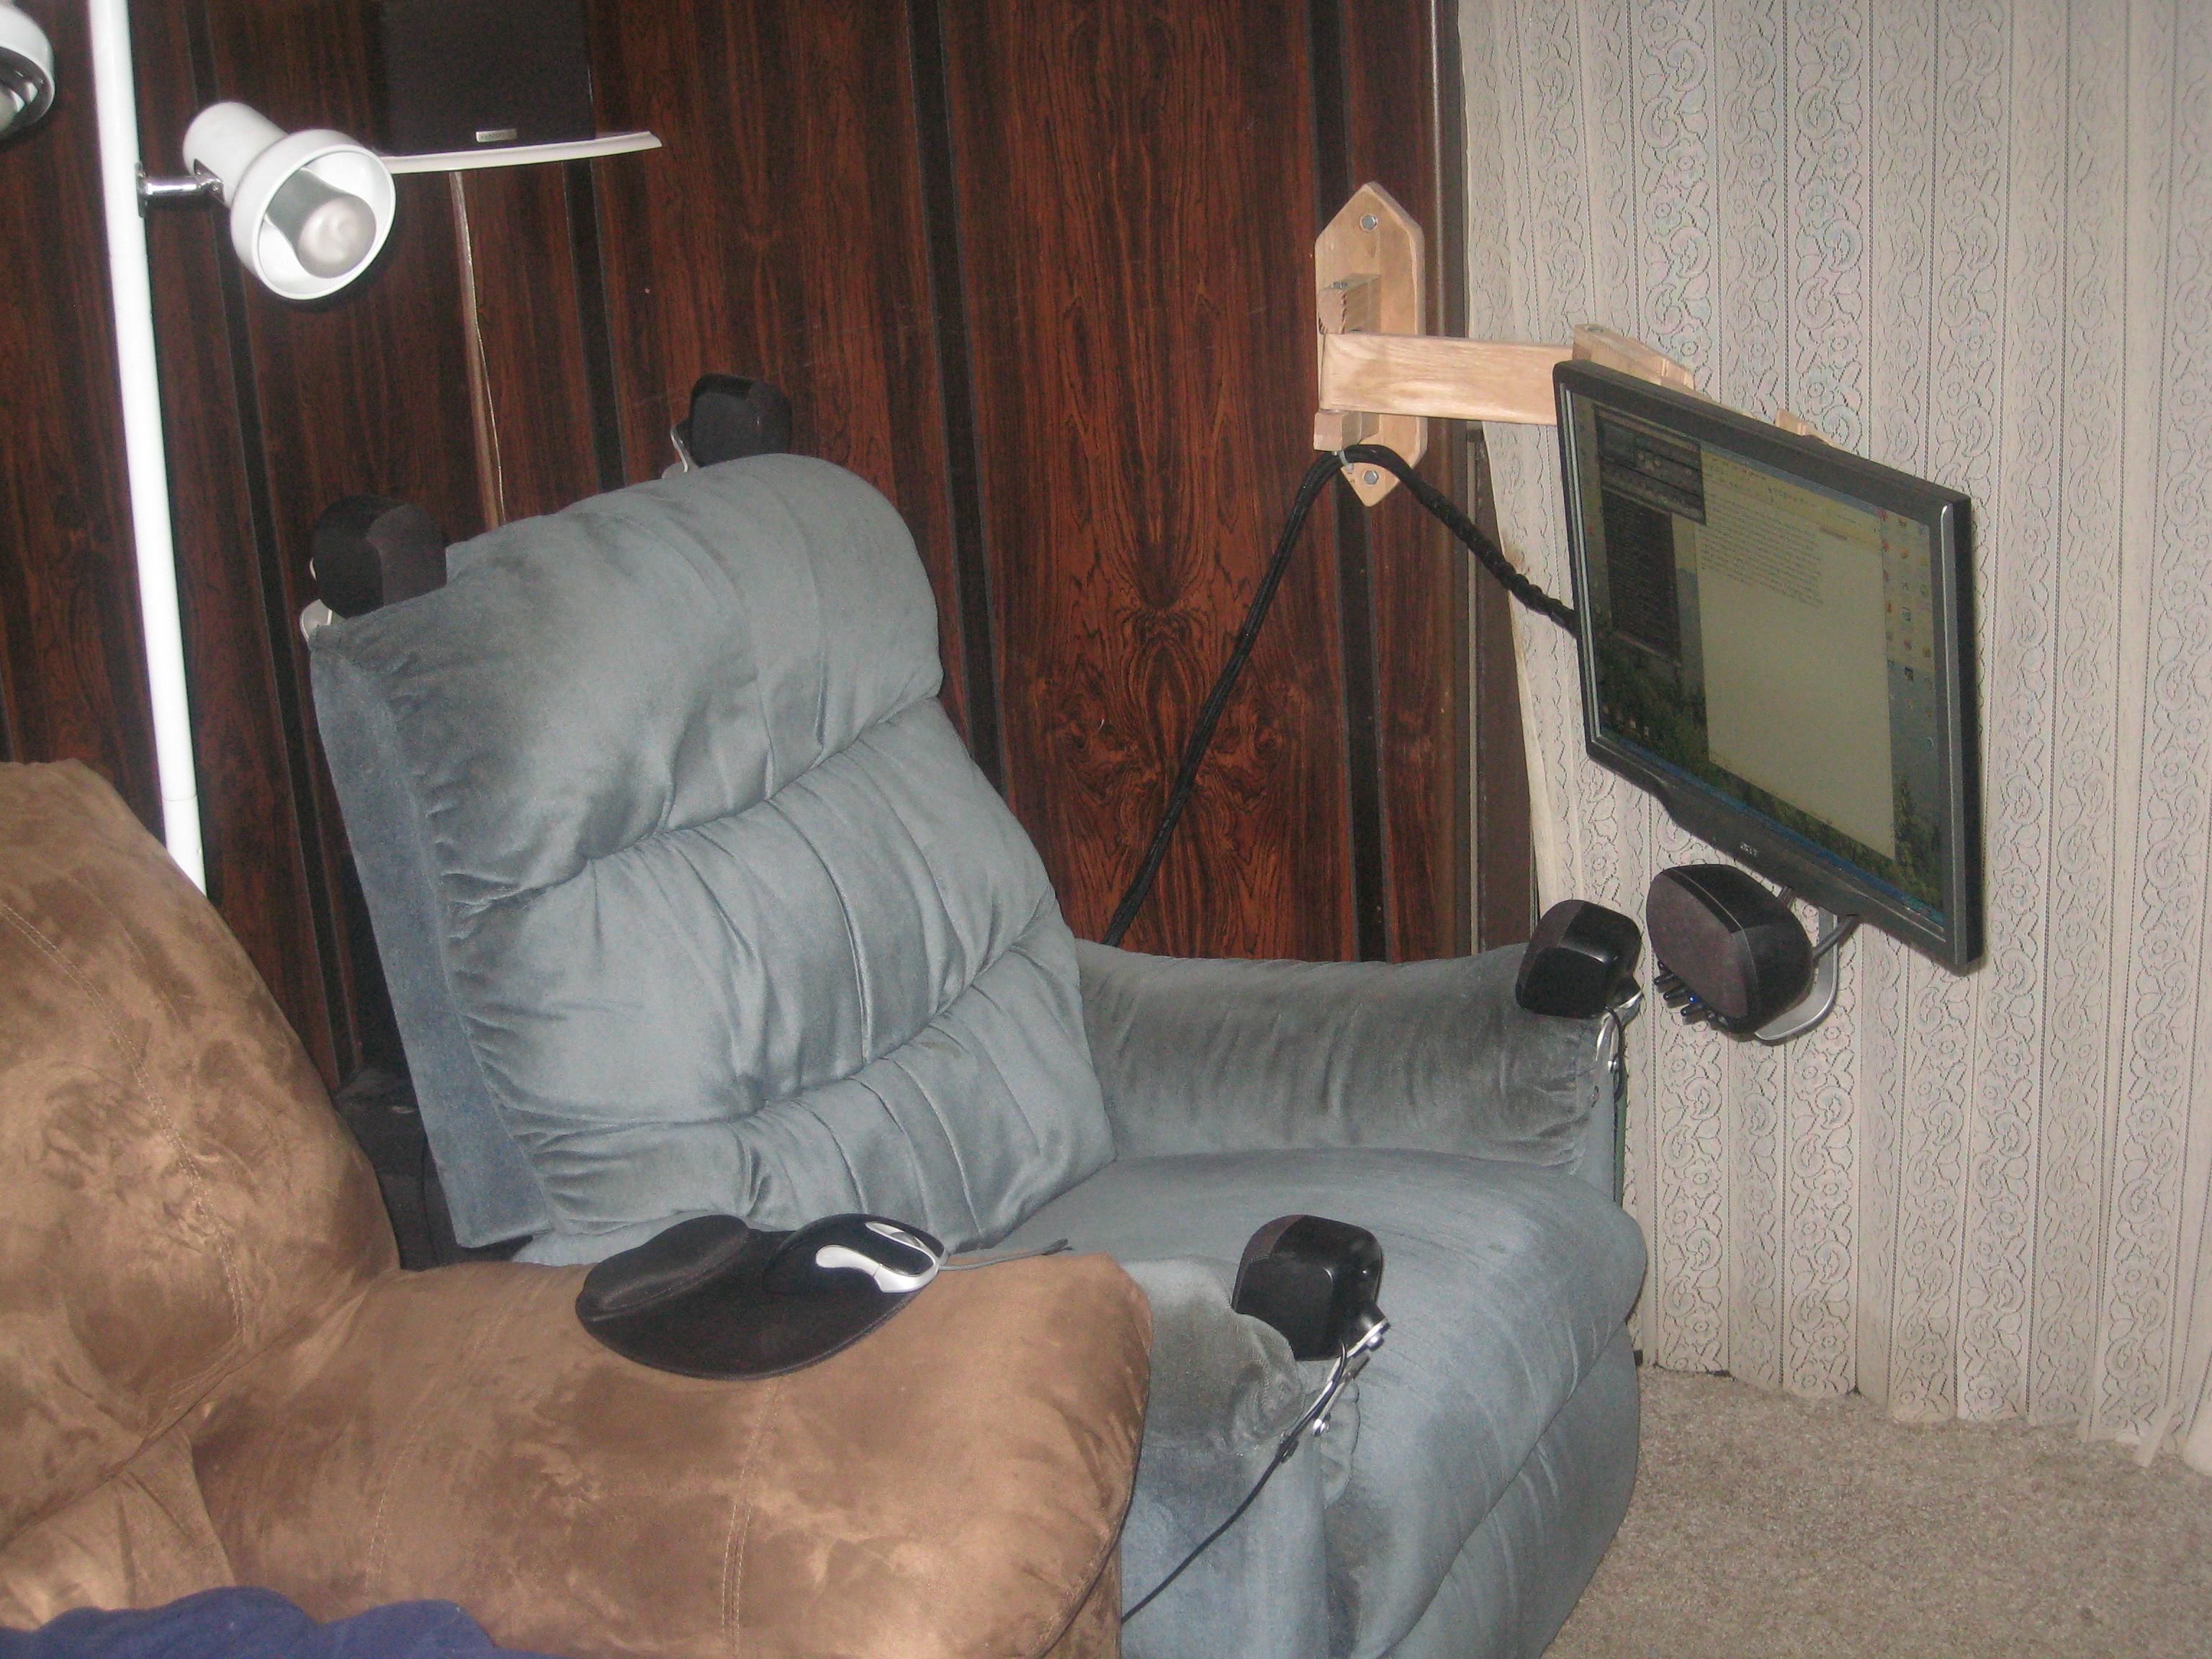 Recliner Computer chair